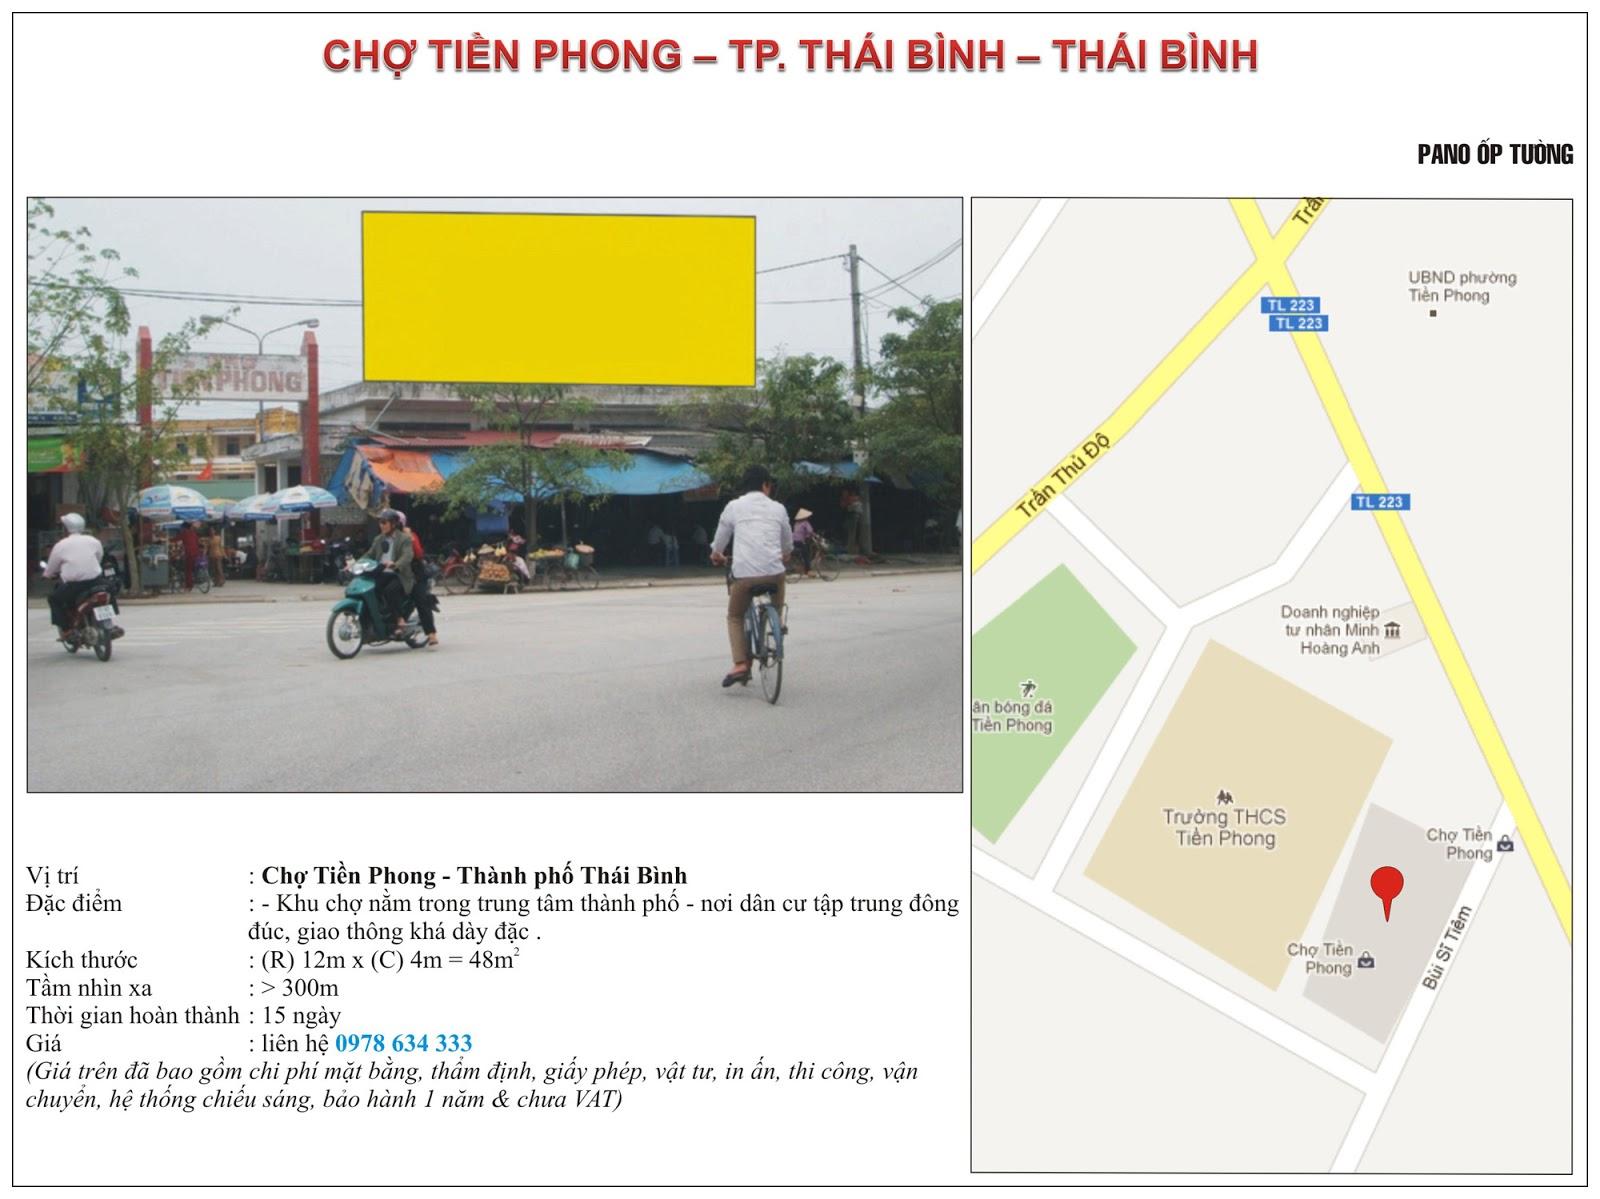 Quảng cáo tại chợ Tiền Phong - Thái Bình